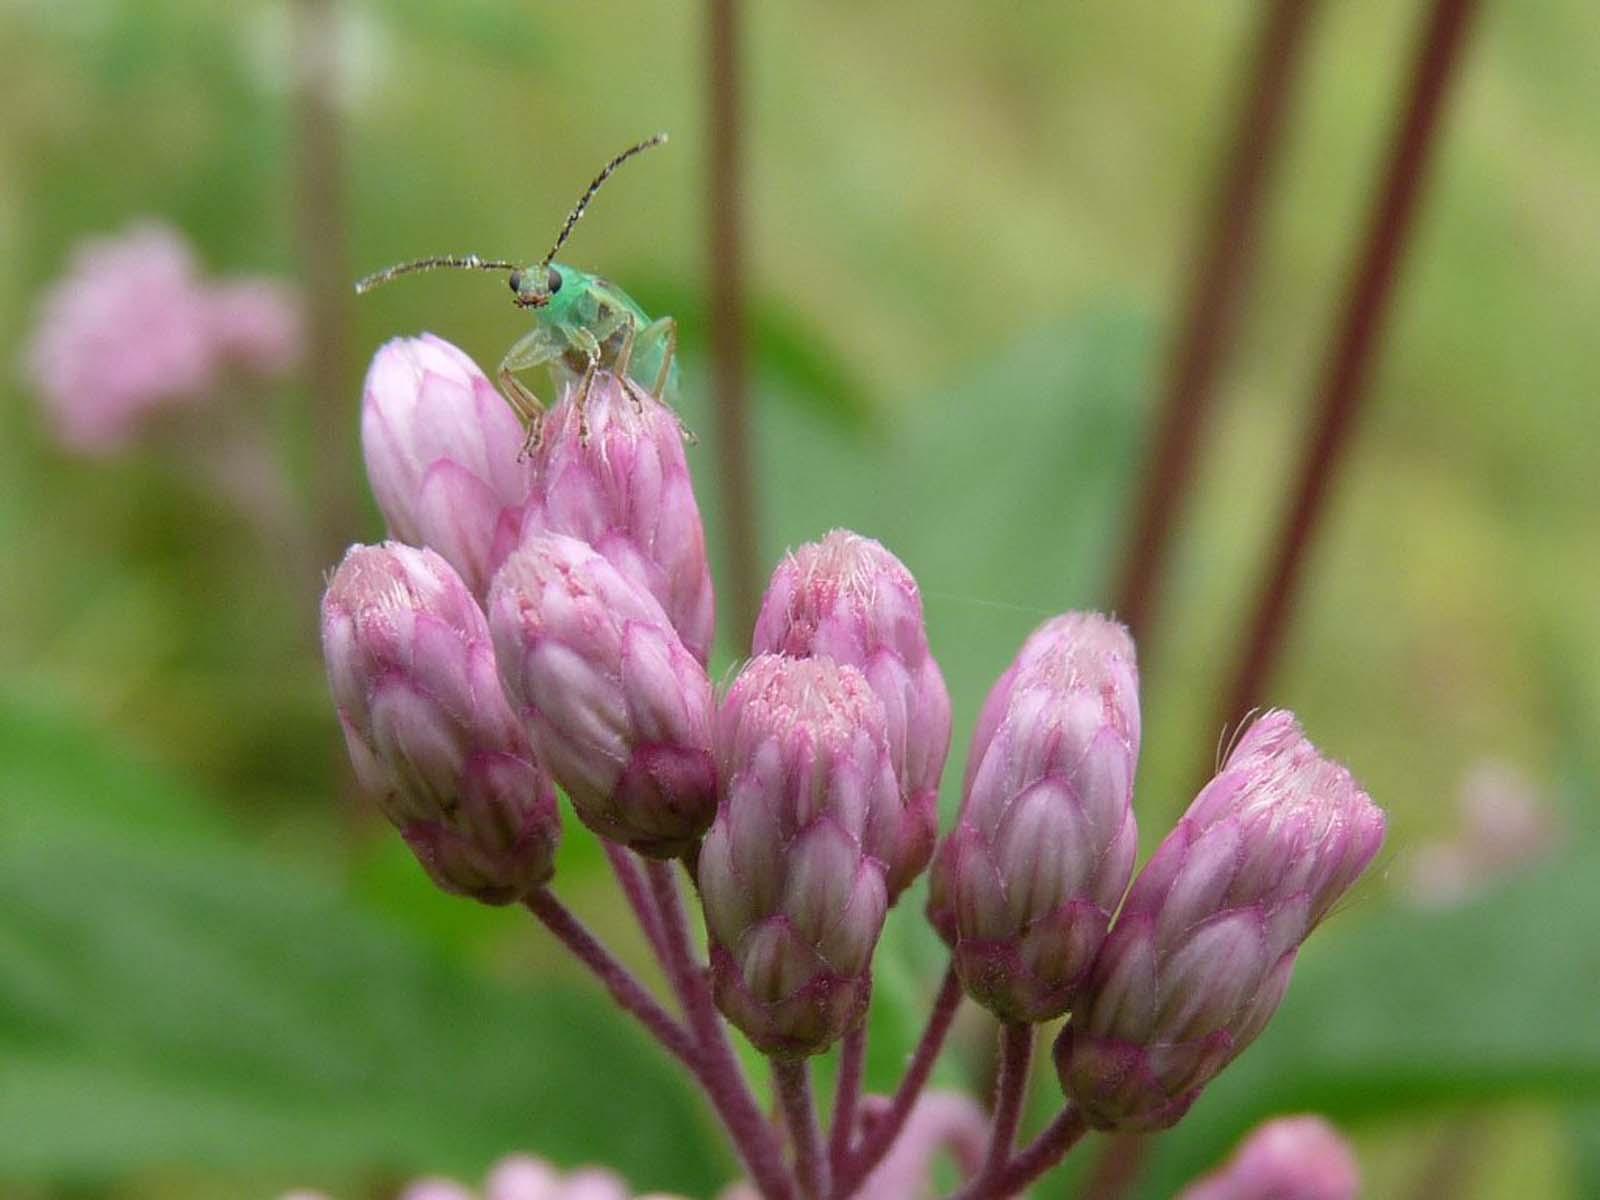 http://3.bp.blogspot.com/-FqnhoM1NhGU/Tlq0dl6r0pI/AAAAAAAAARM/vuoEW3EmZm4/s1600/green-bug-wallpaper.jpg